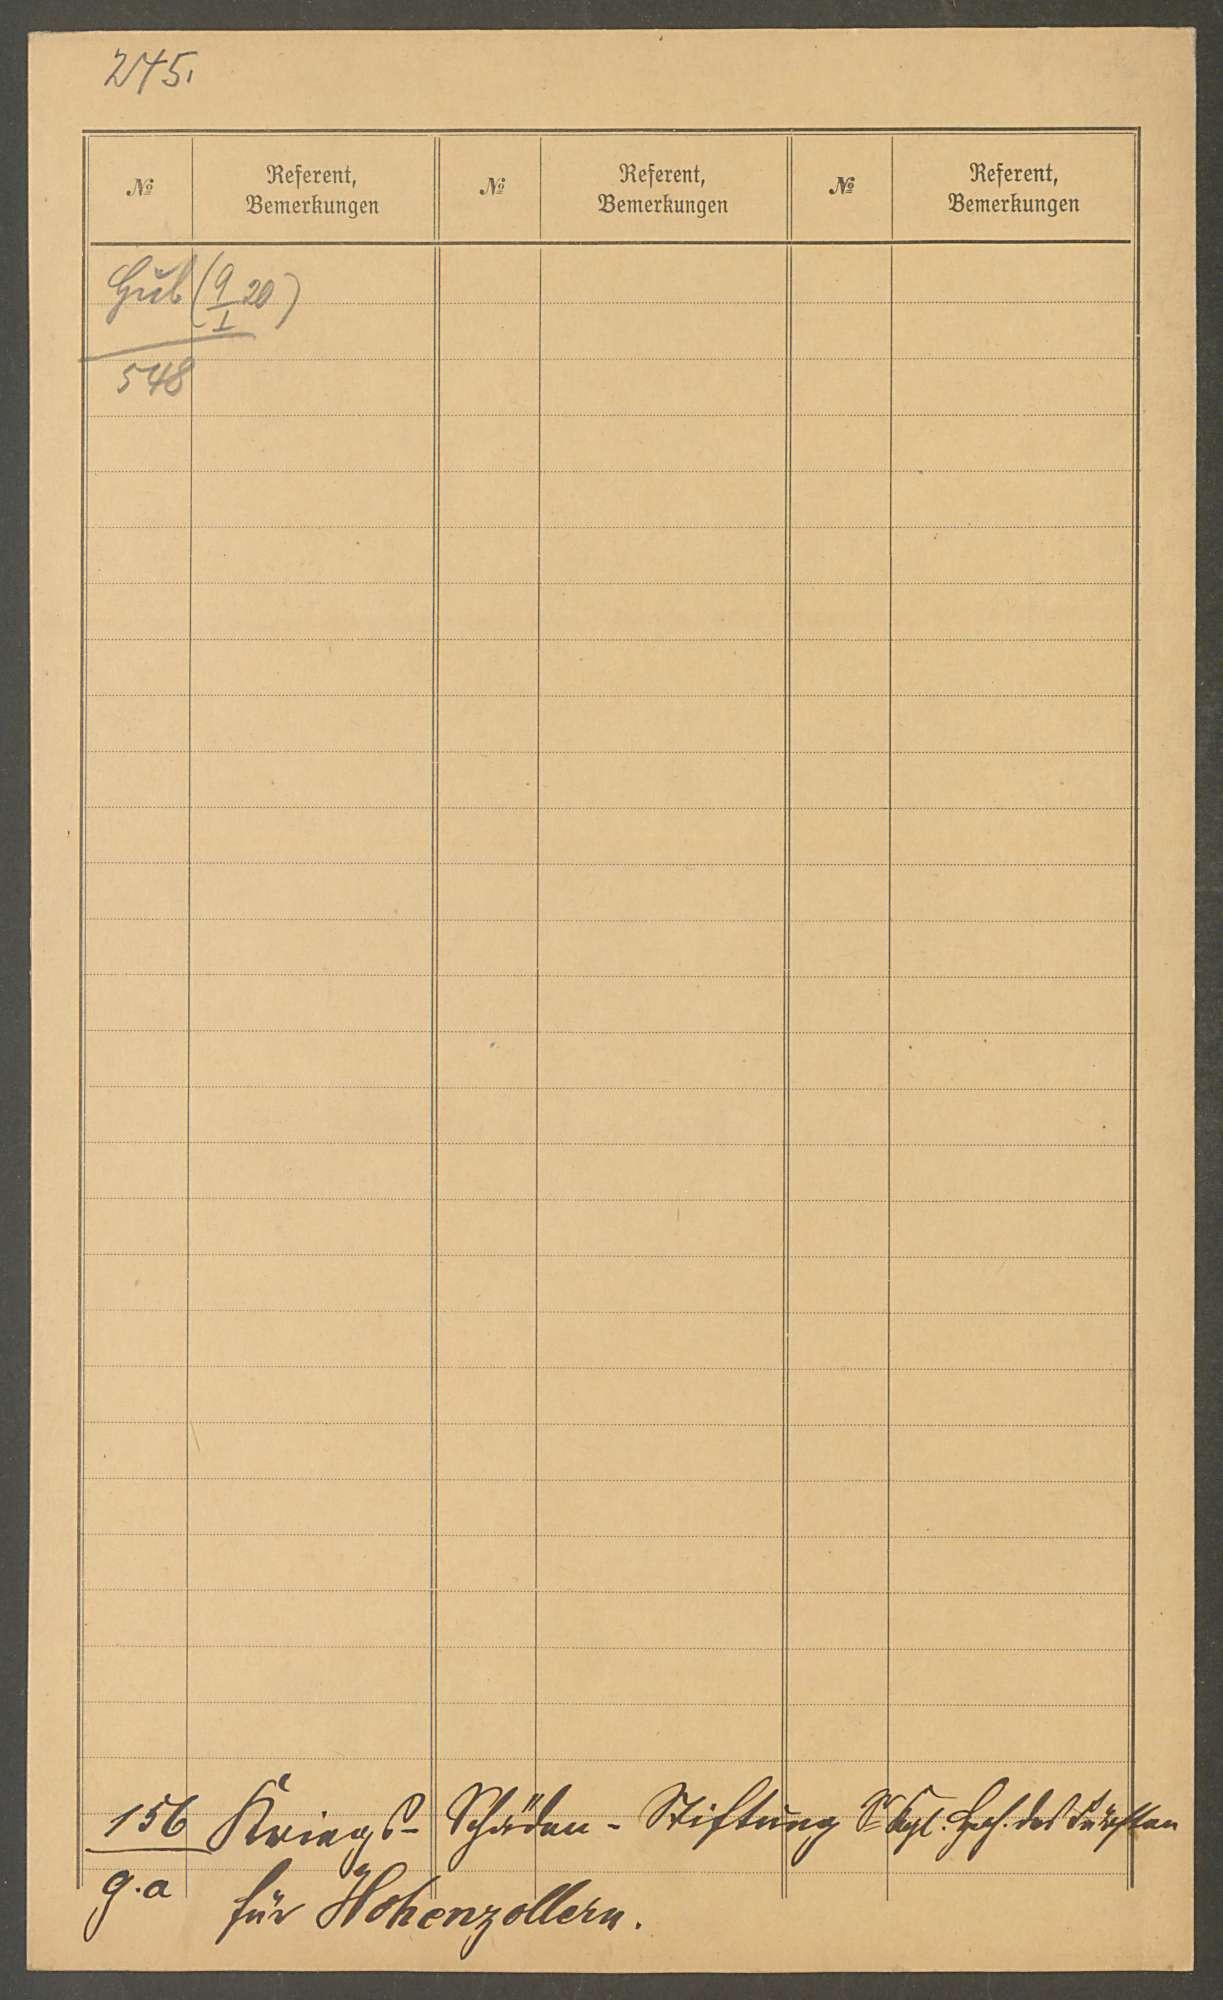 Stiftung des Fürsten Wilhelm von Hohenzollern von 2000000 Mark für die durch den Krieg Geschädigten in Hohenzollern, Bild 2